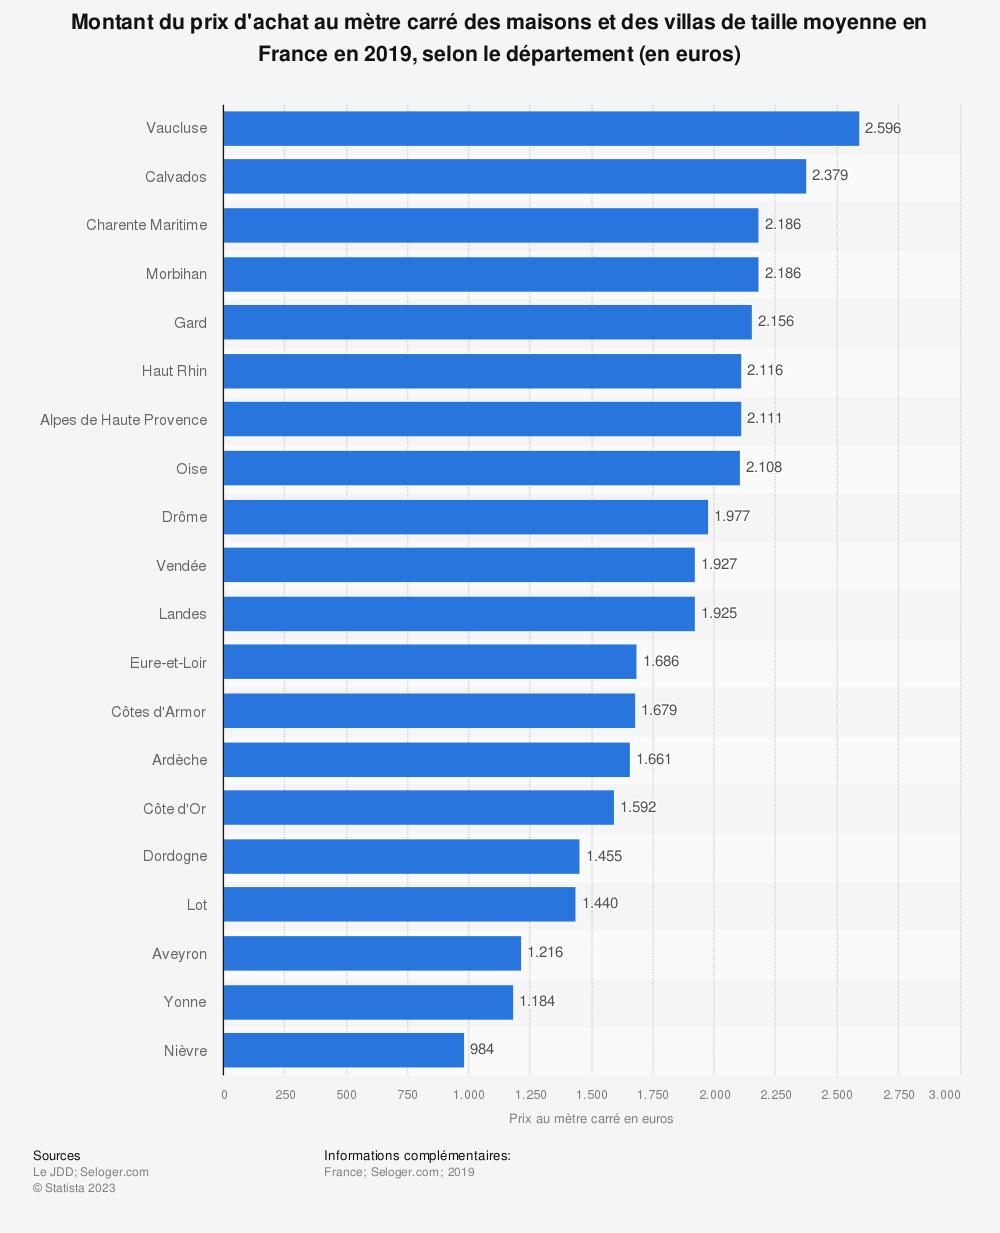 Statistique: Montant du prix d'achat au mètre carré des maisons et des villas de taille moyenne en France en 2019, selon le département (en euros) | Statista